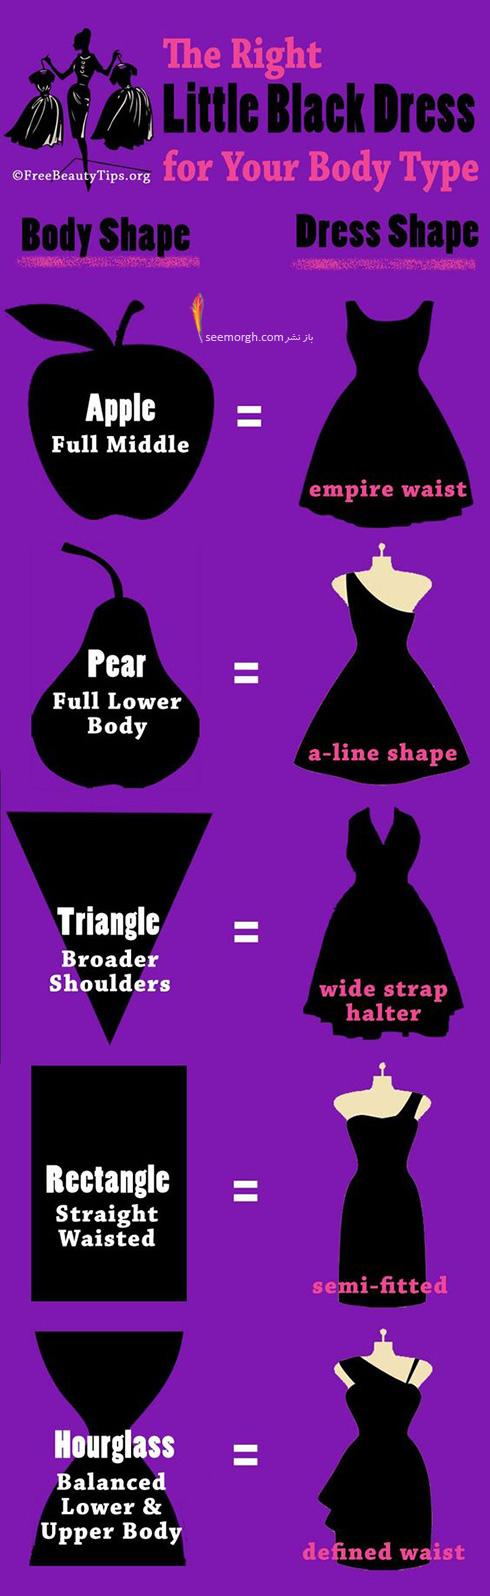 انتخاب لباس شب متناسب با فرم بدن - عکس شماره 3